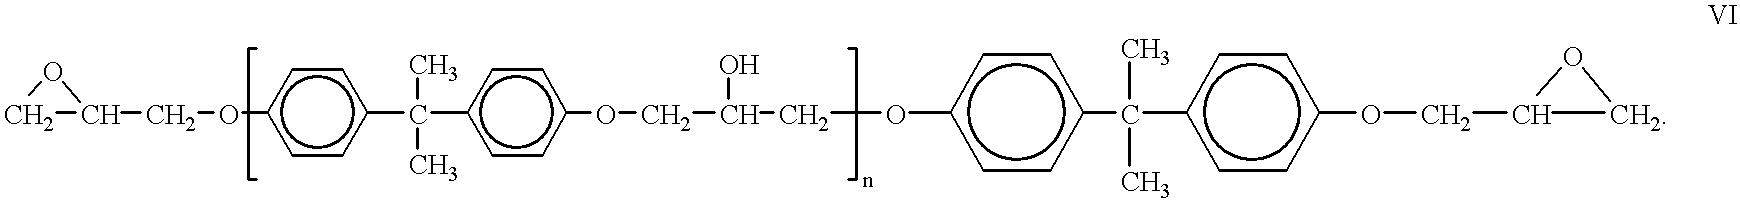 Figure US06582819-20030624-C00006